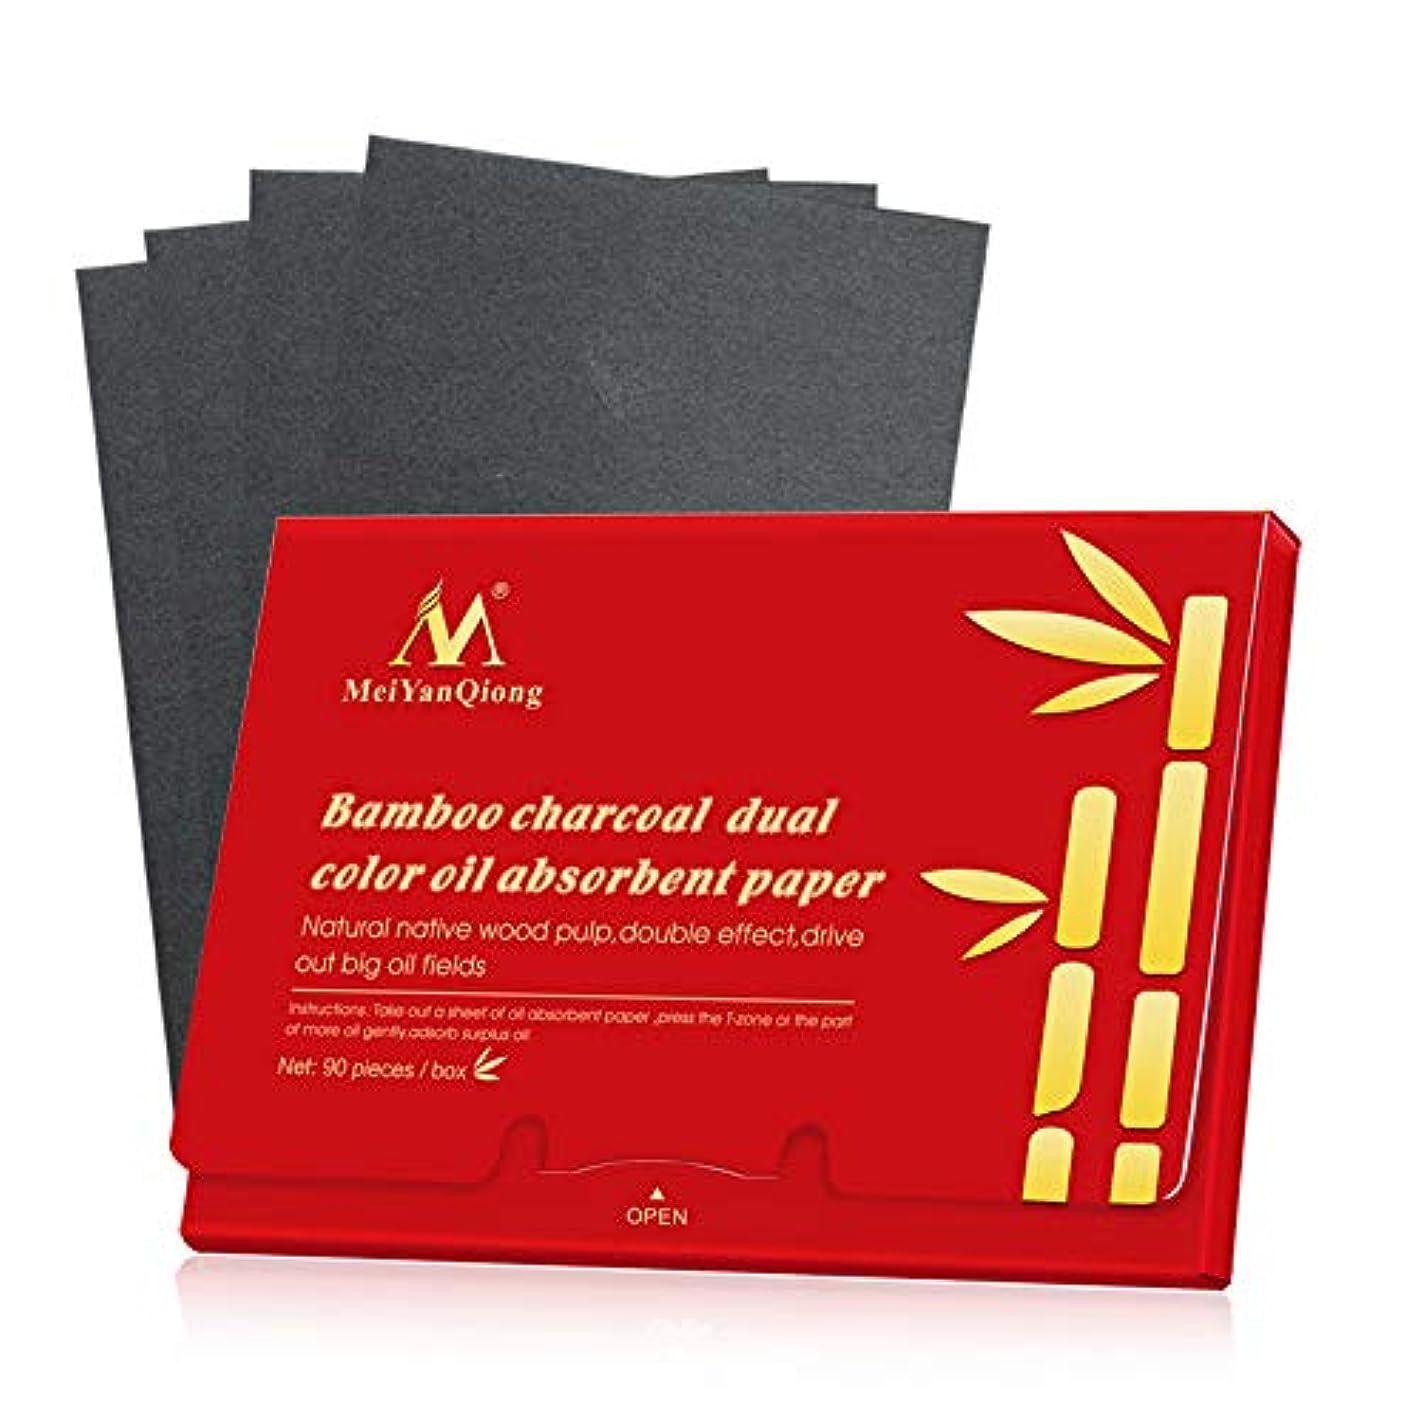 財政うんざり早いDecdeal あぶらとり紙 90ピース/パック竹炭オイルブロッティングシートフェイシャル吸収紙オイルコントロールティッシュポータブルフェイスパッドパッチ